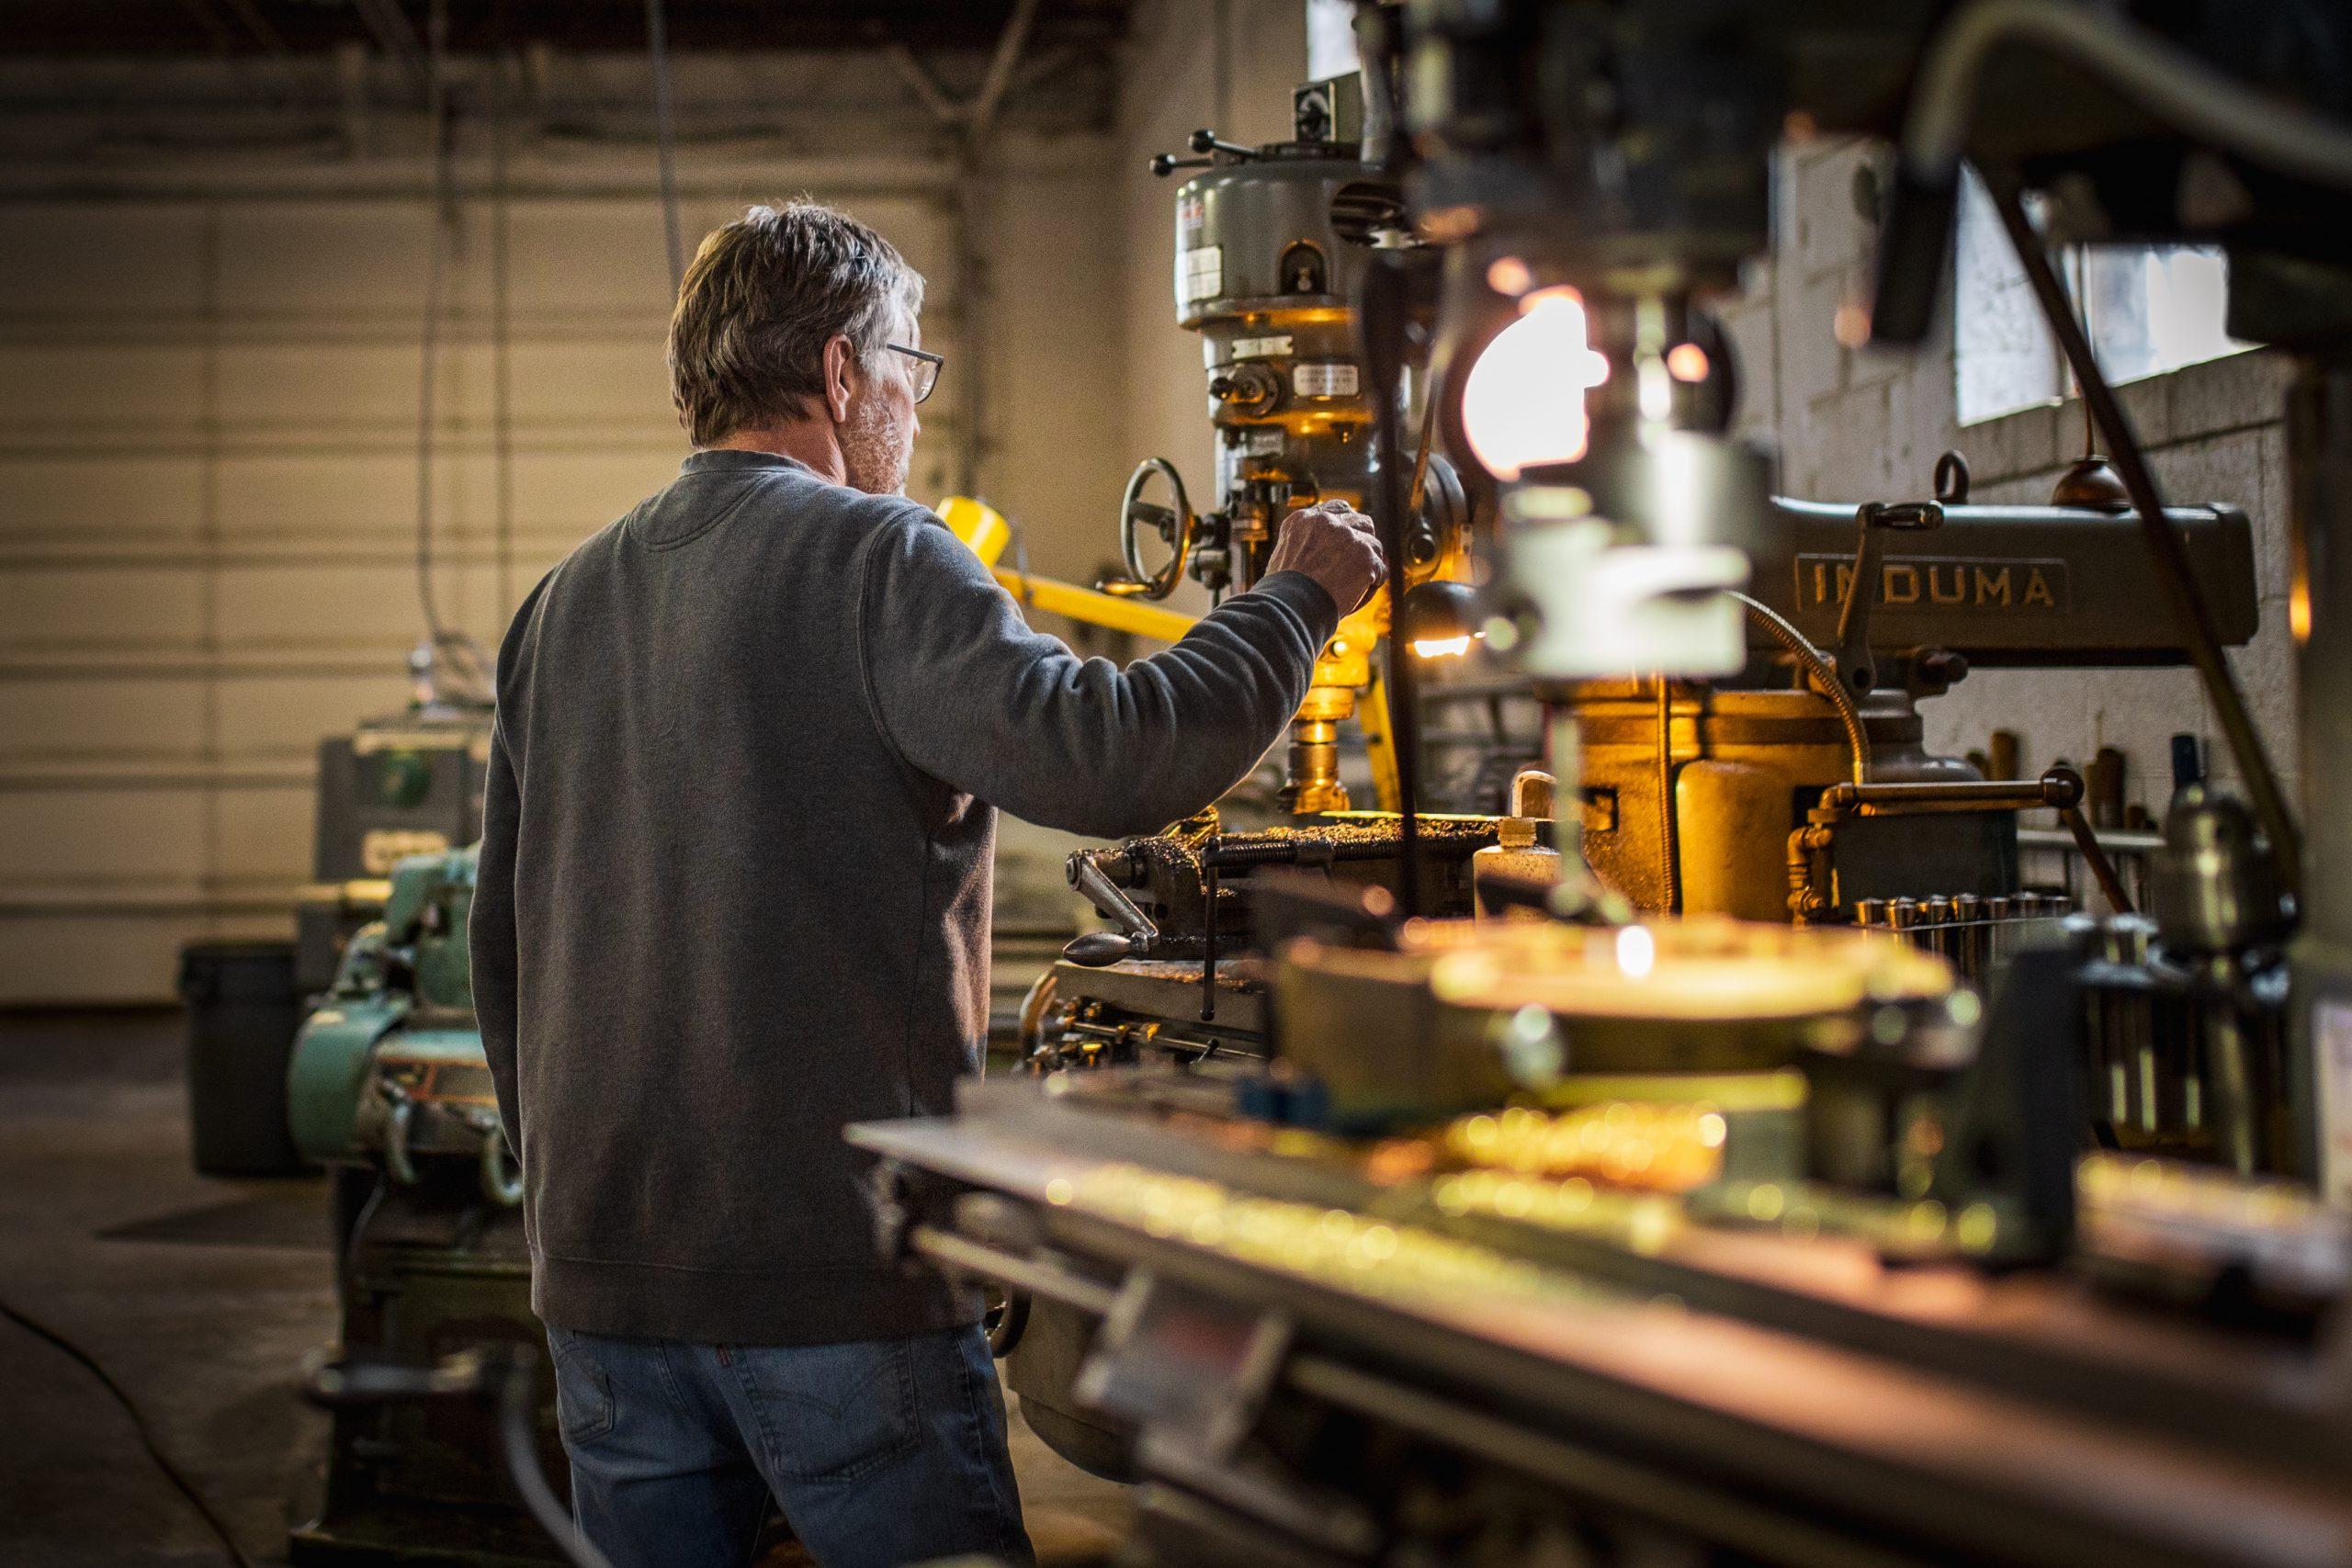 worker operates drill press